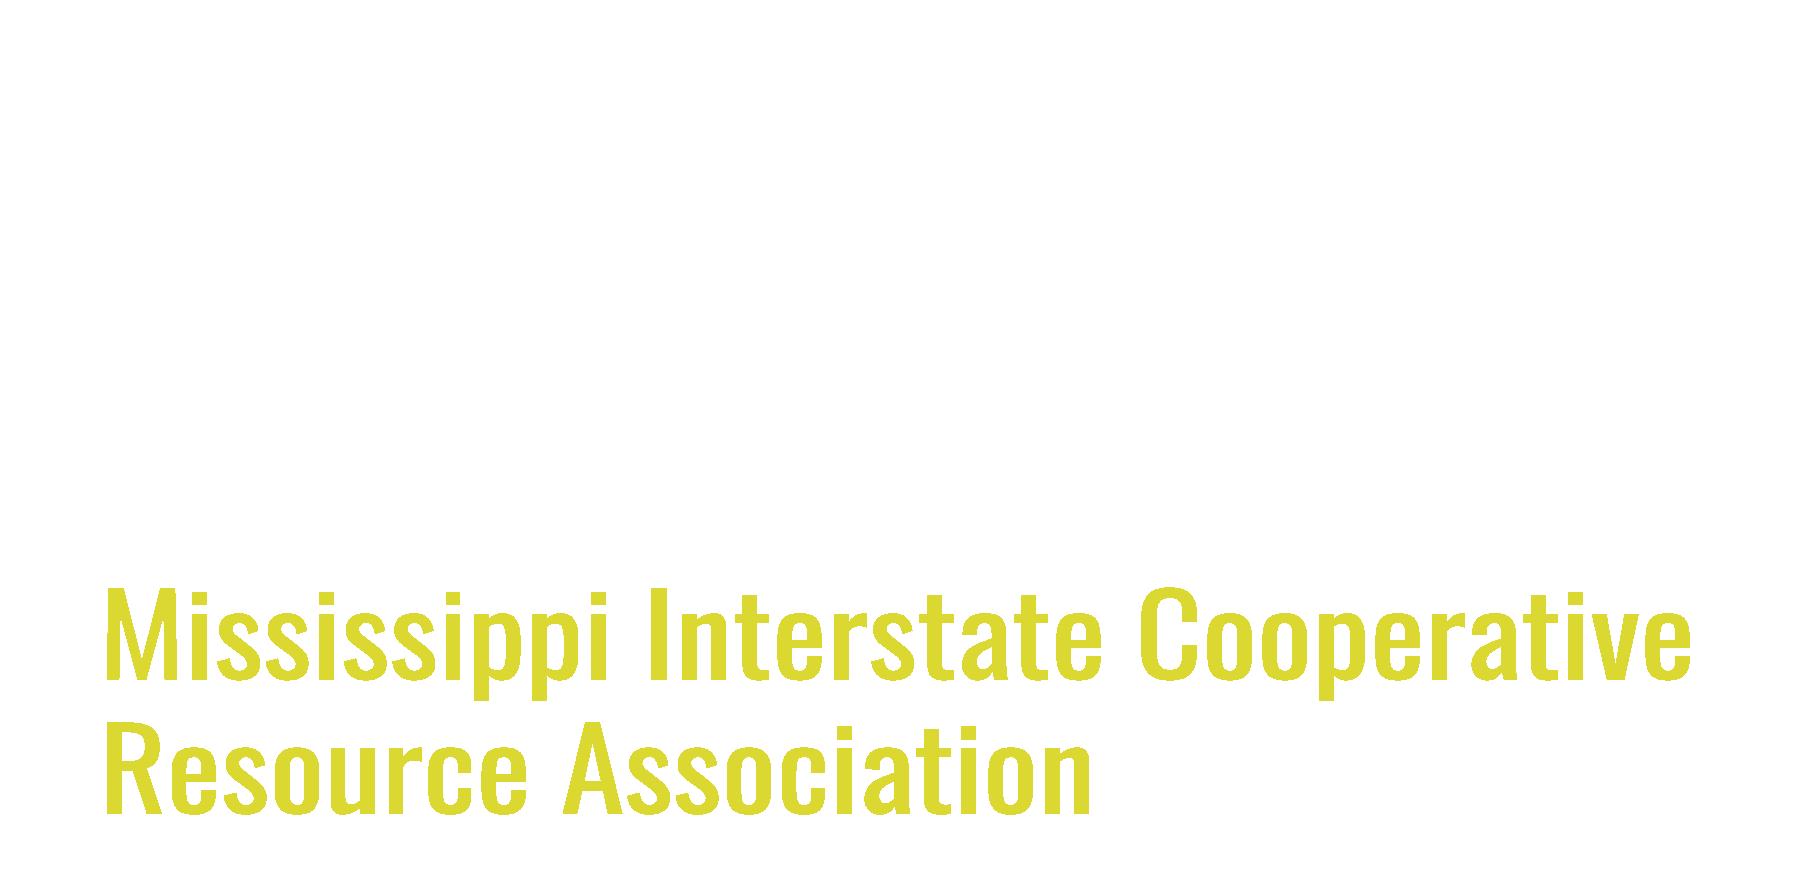 MICRA Logo